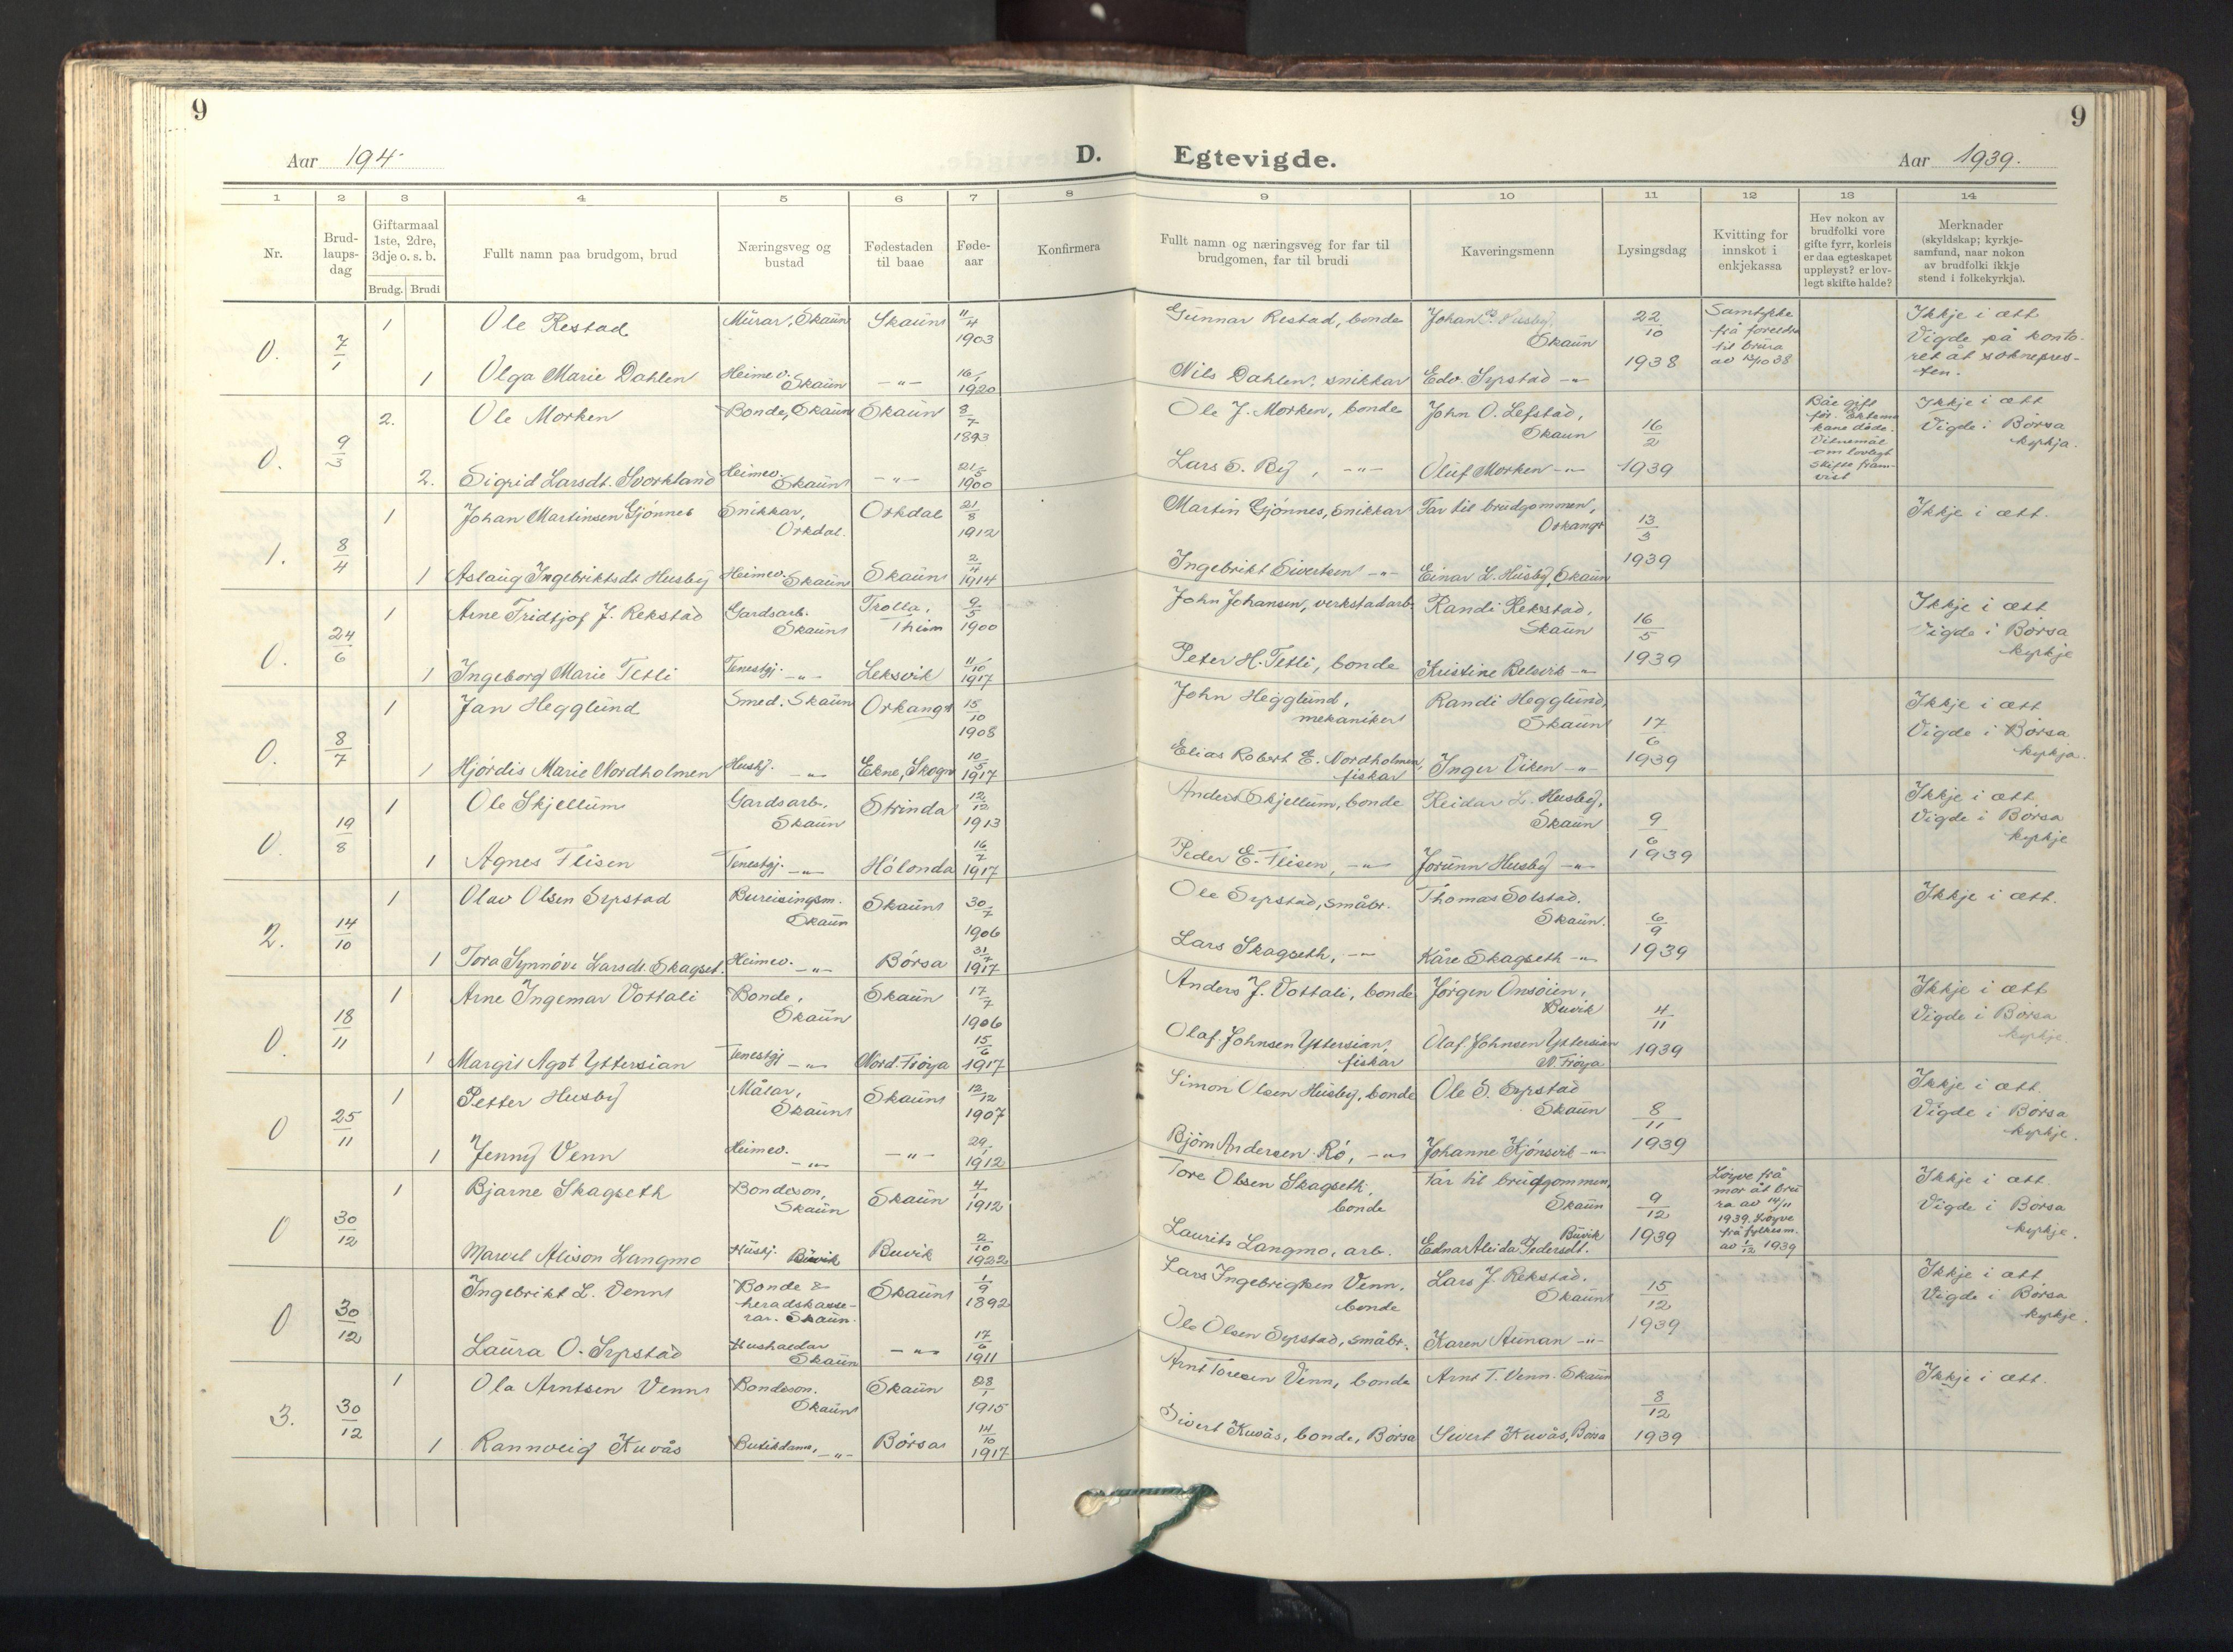 SAT, Ministerialprotokoller, klokkerbøker og fødselsregistre - Sør-Trøndelag, 667/L0799: Klokkerbok nr. 667C04, 1929-1950, s. 9